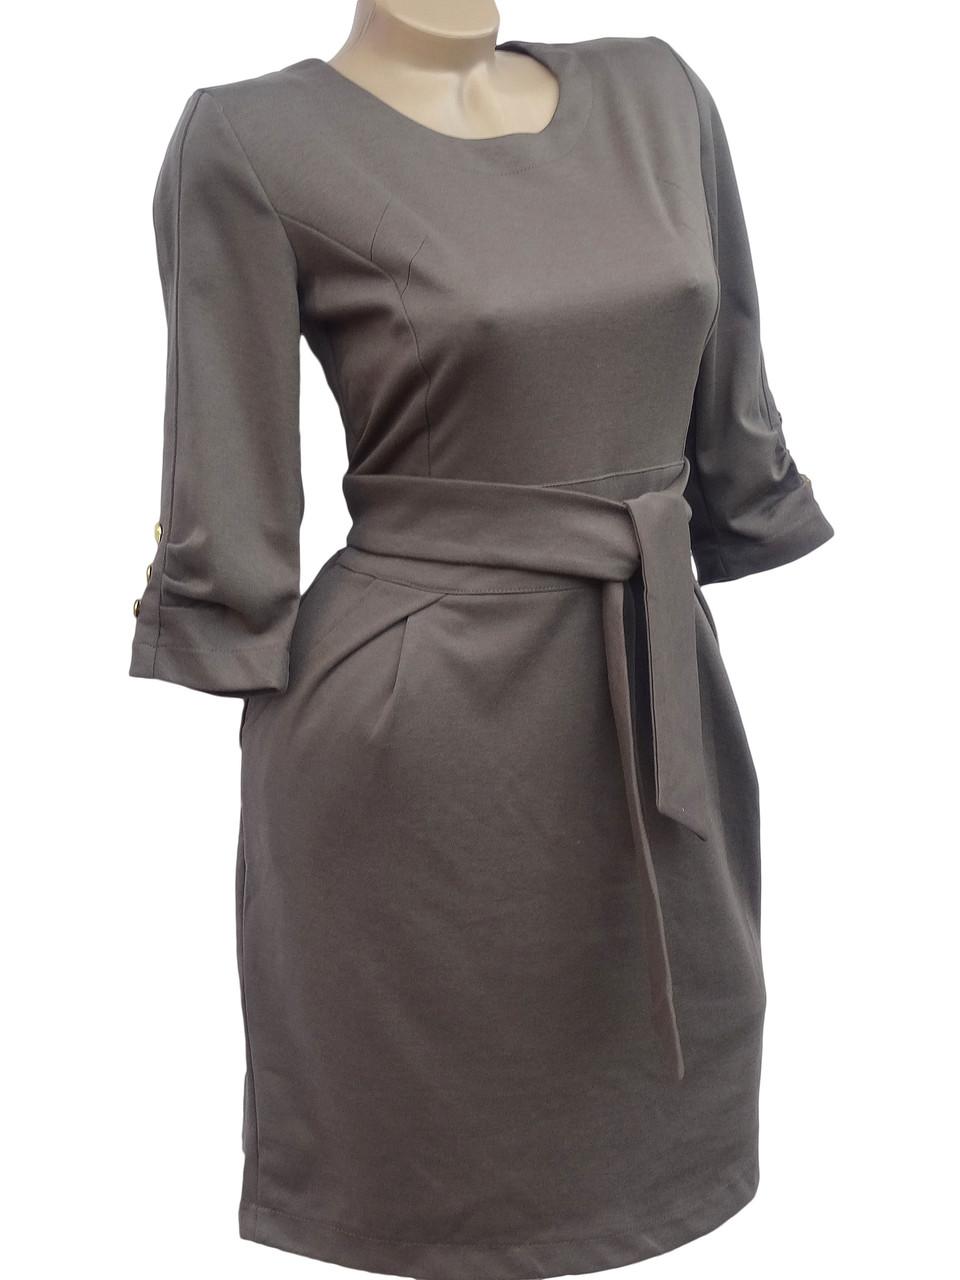 Класичне плаття з пояском (в кольорах 42,44)